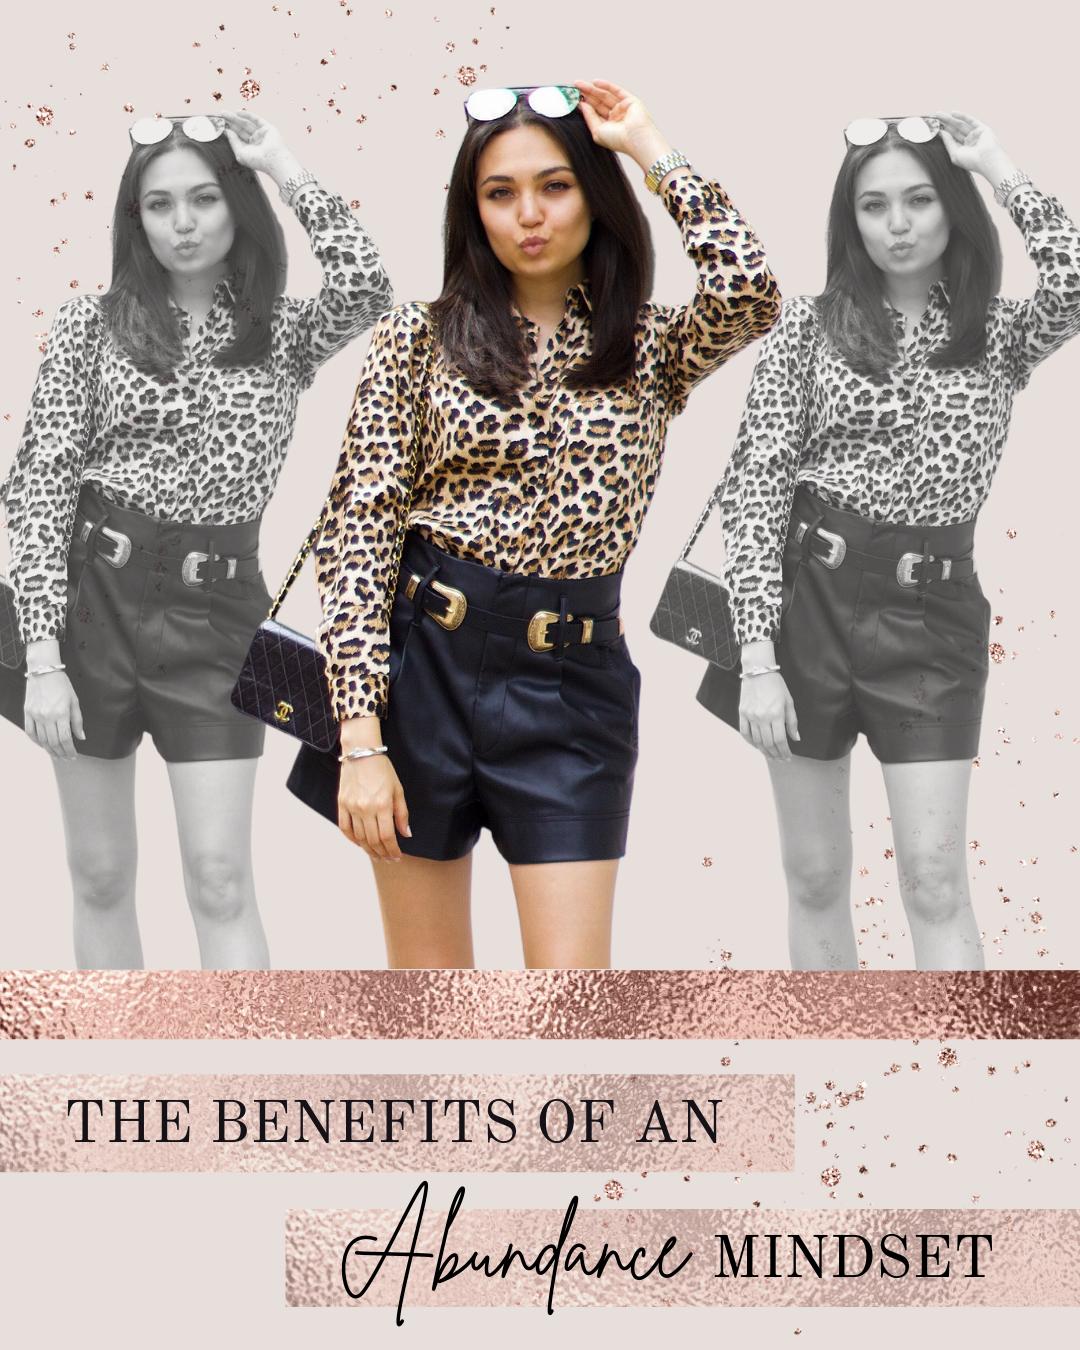 AZARAM: Benefits of an Abundance Mindset